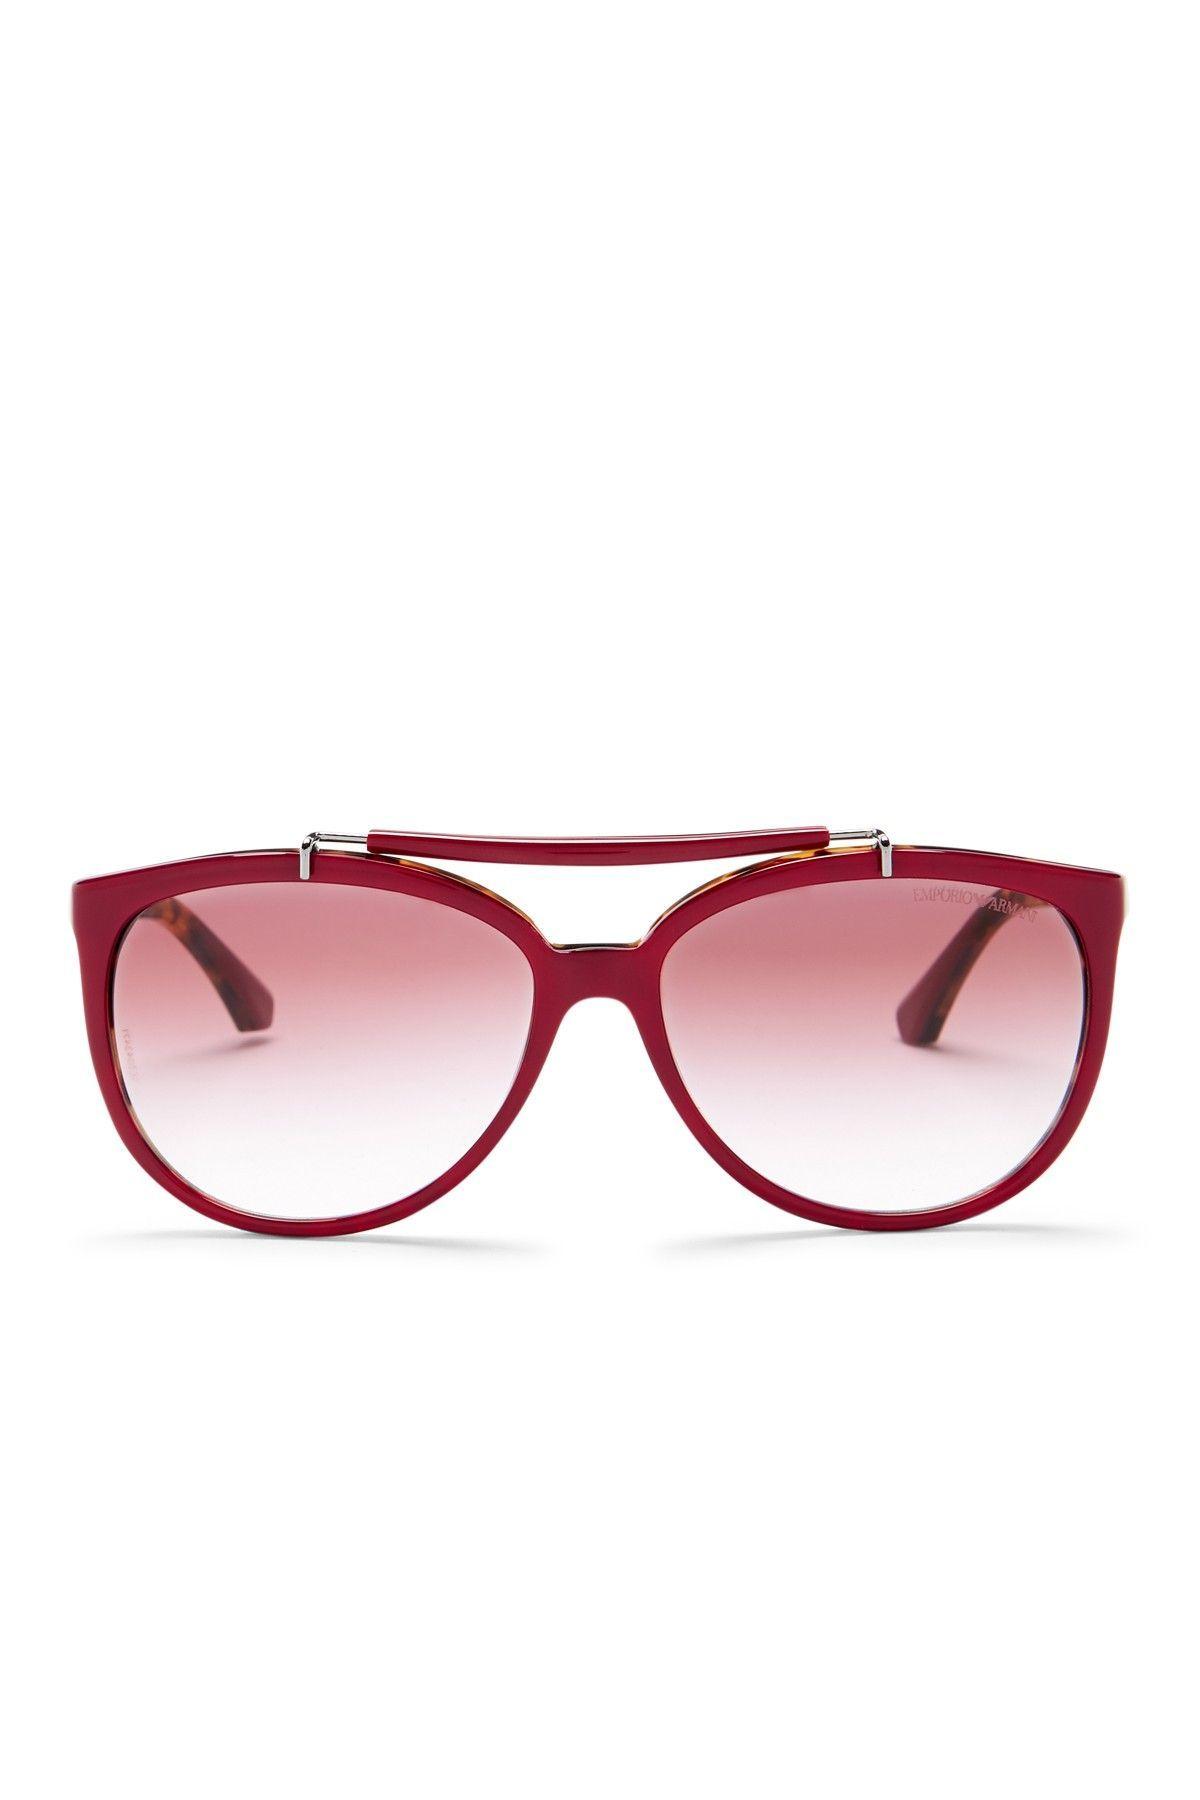 Women s Aviator Sunglasses  07b0391bc